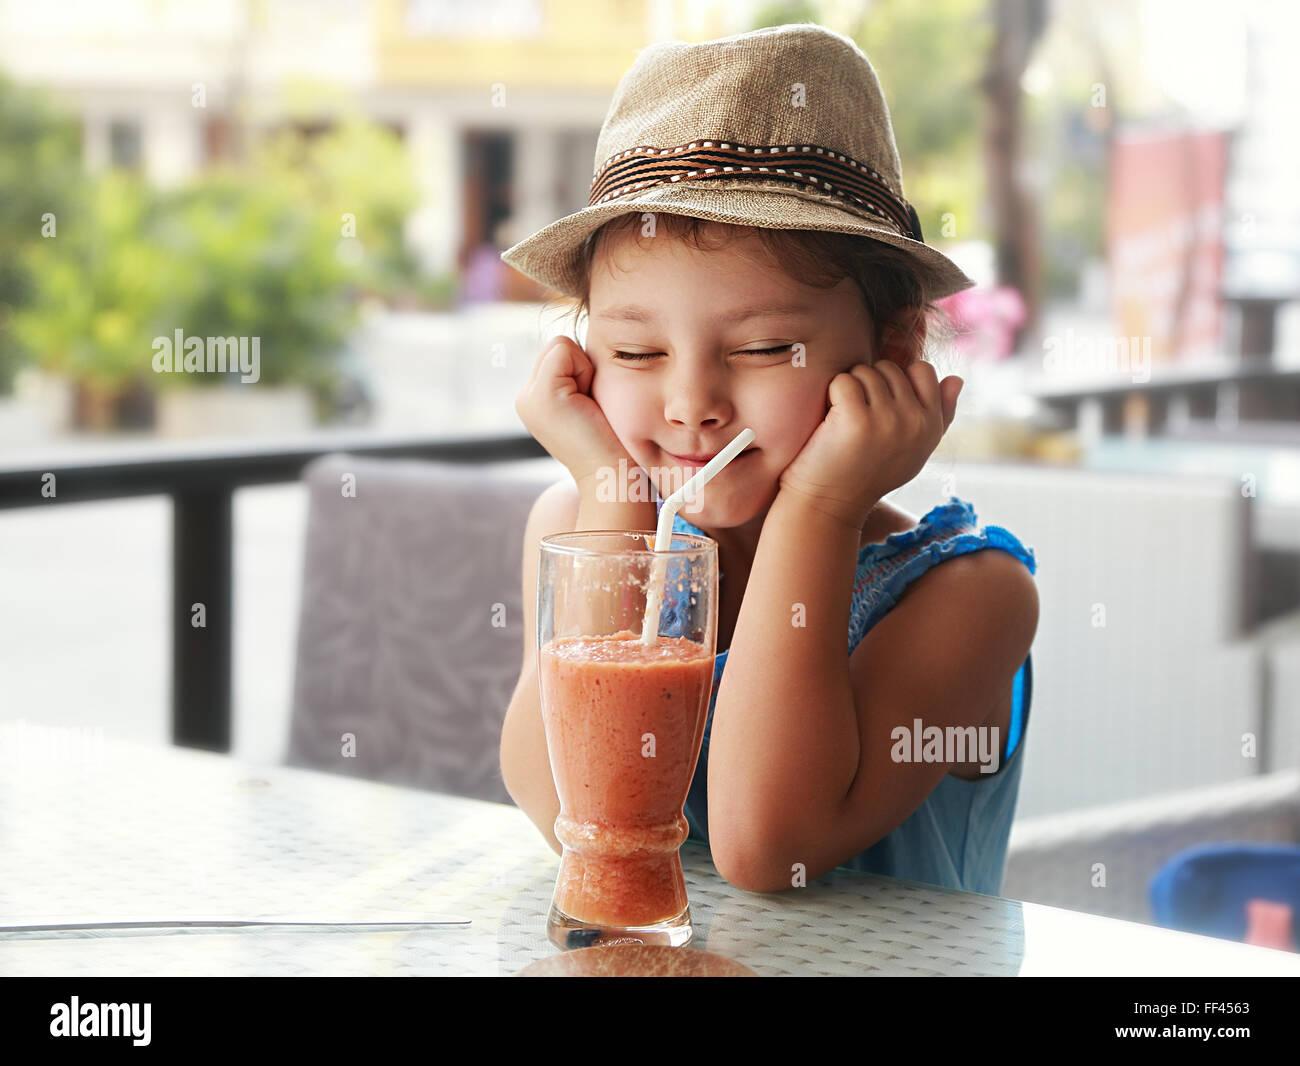 Divertimento kid ragazza in hat avvitamento fino agli occhi e aspettando il momento di bere il frullato gustoso Immagini Stock